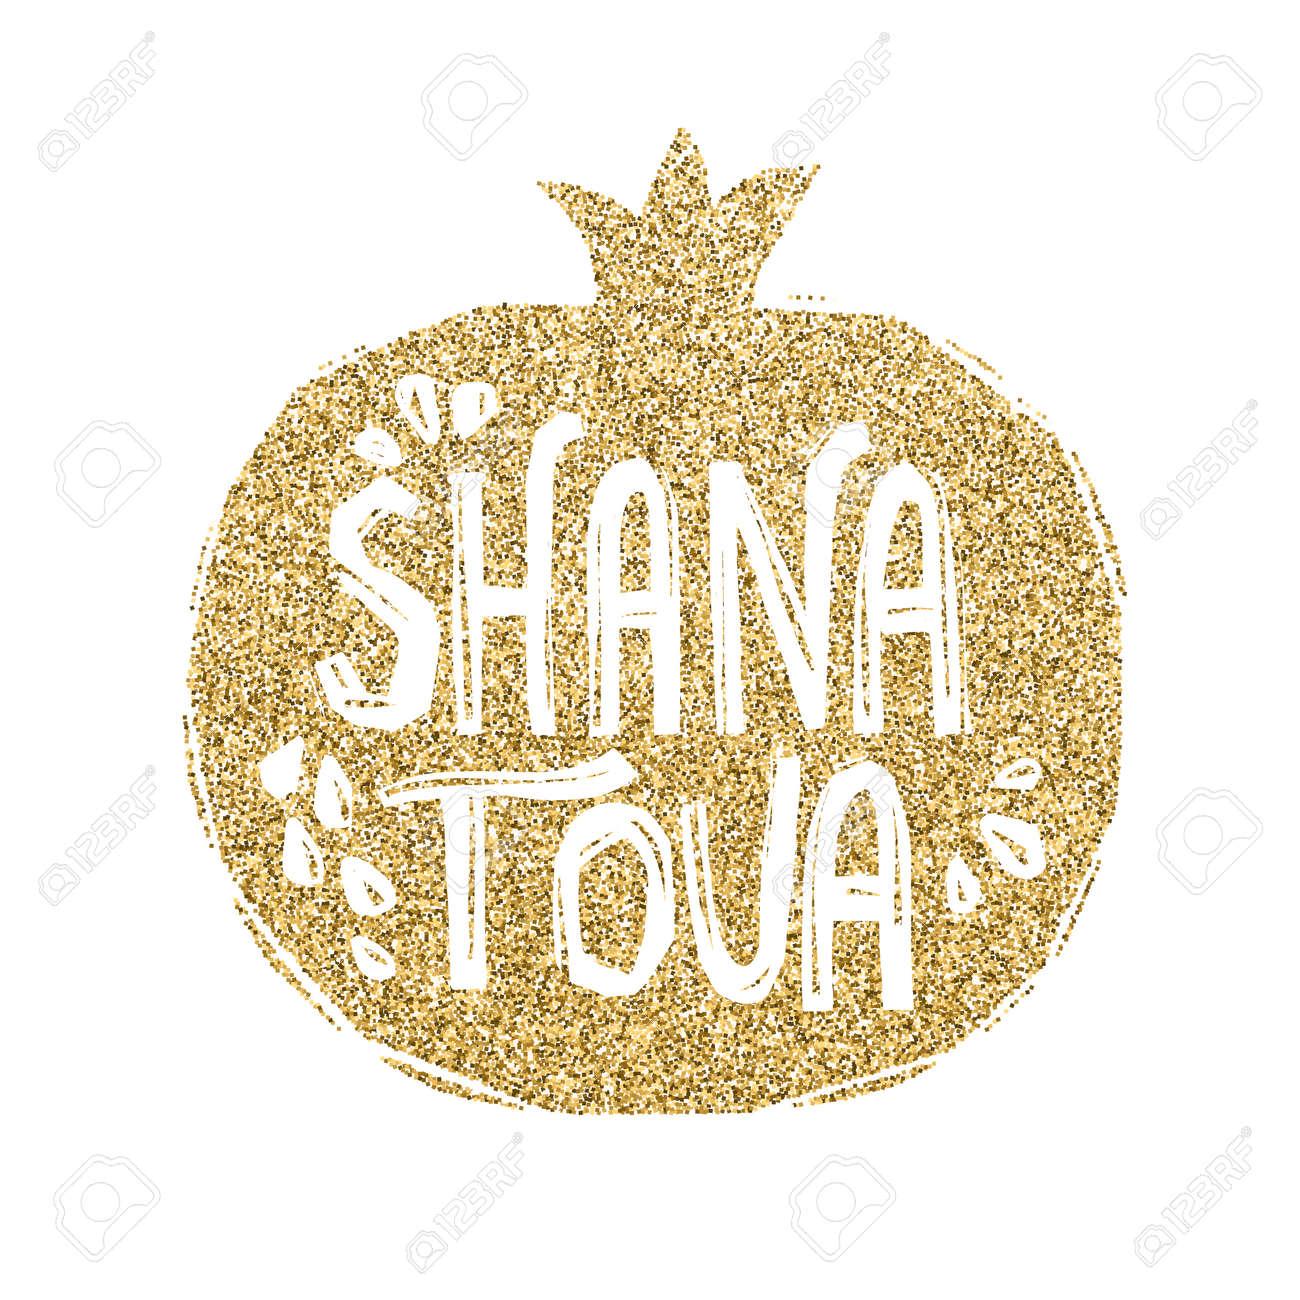 Rosh Hashanah Greeting Card With Pomegranate Shana Tova Or Jewish